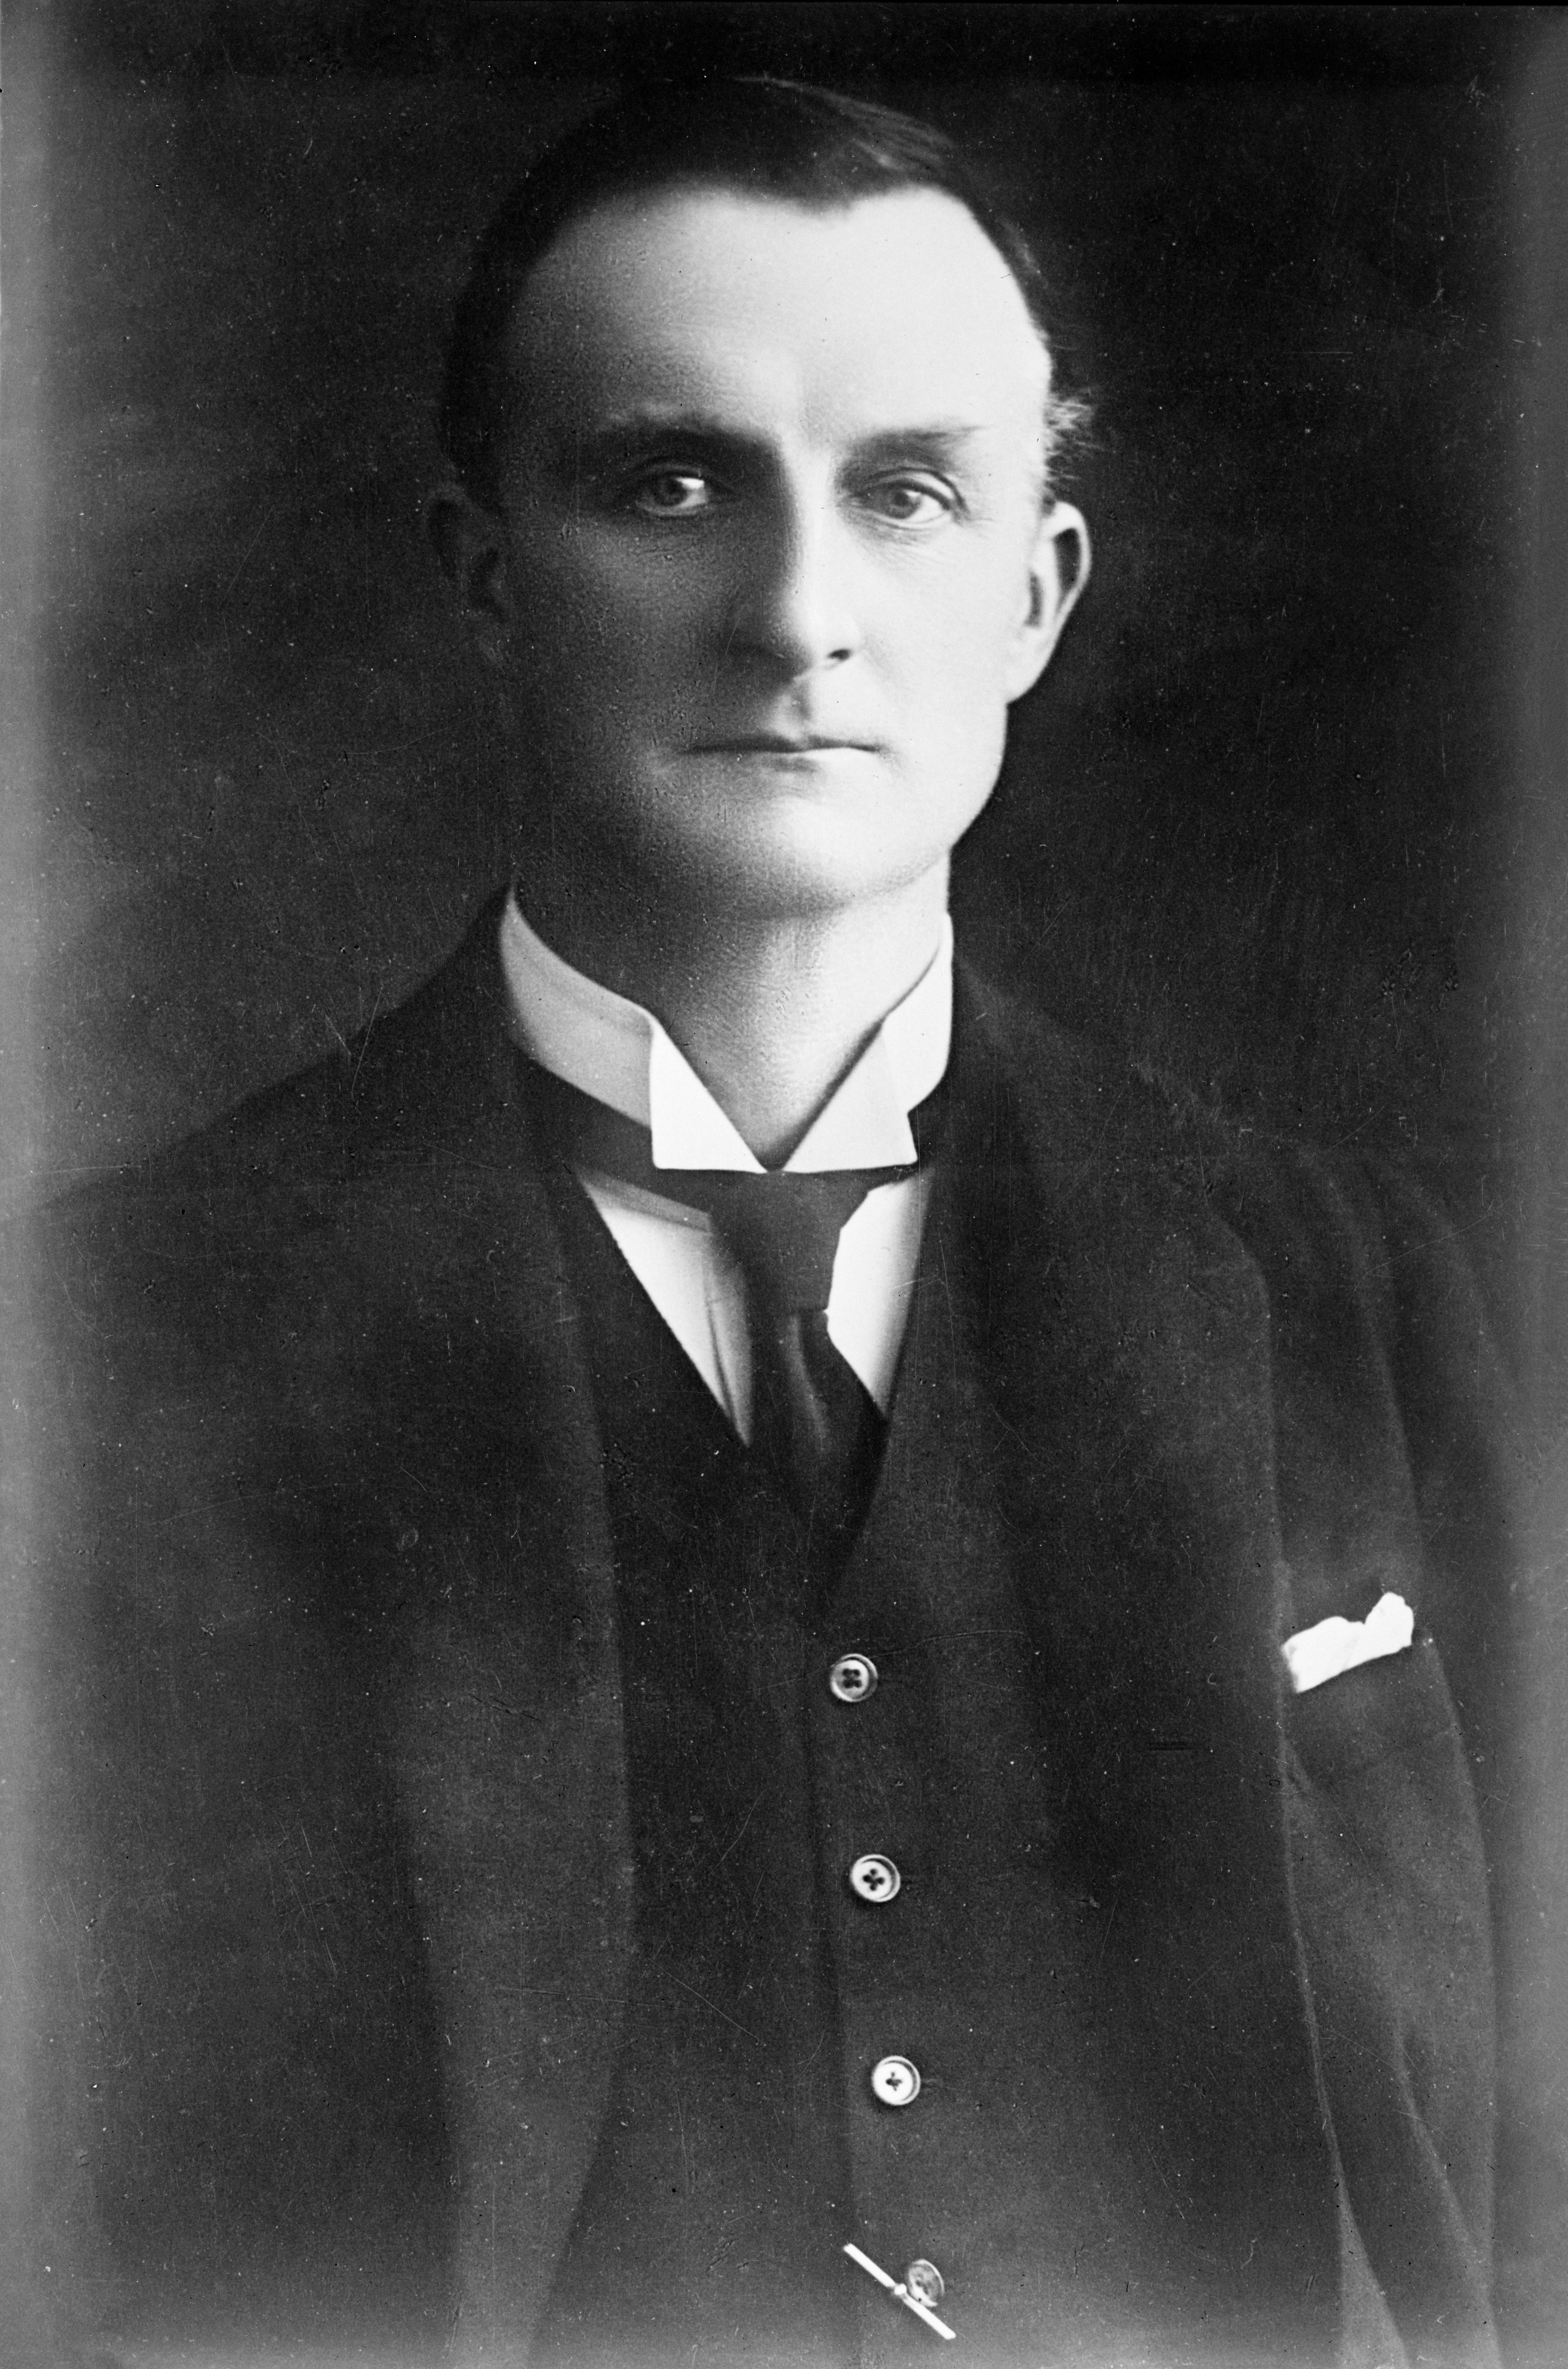 Министр иностранных дел ВБ (10.12.1905–10.12.1916) сэр Эдвард Грей (Sir Edward Grey 25.4.1862–7.09.1933)